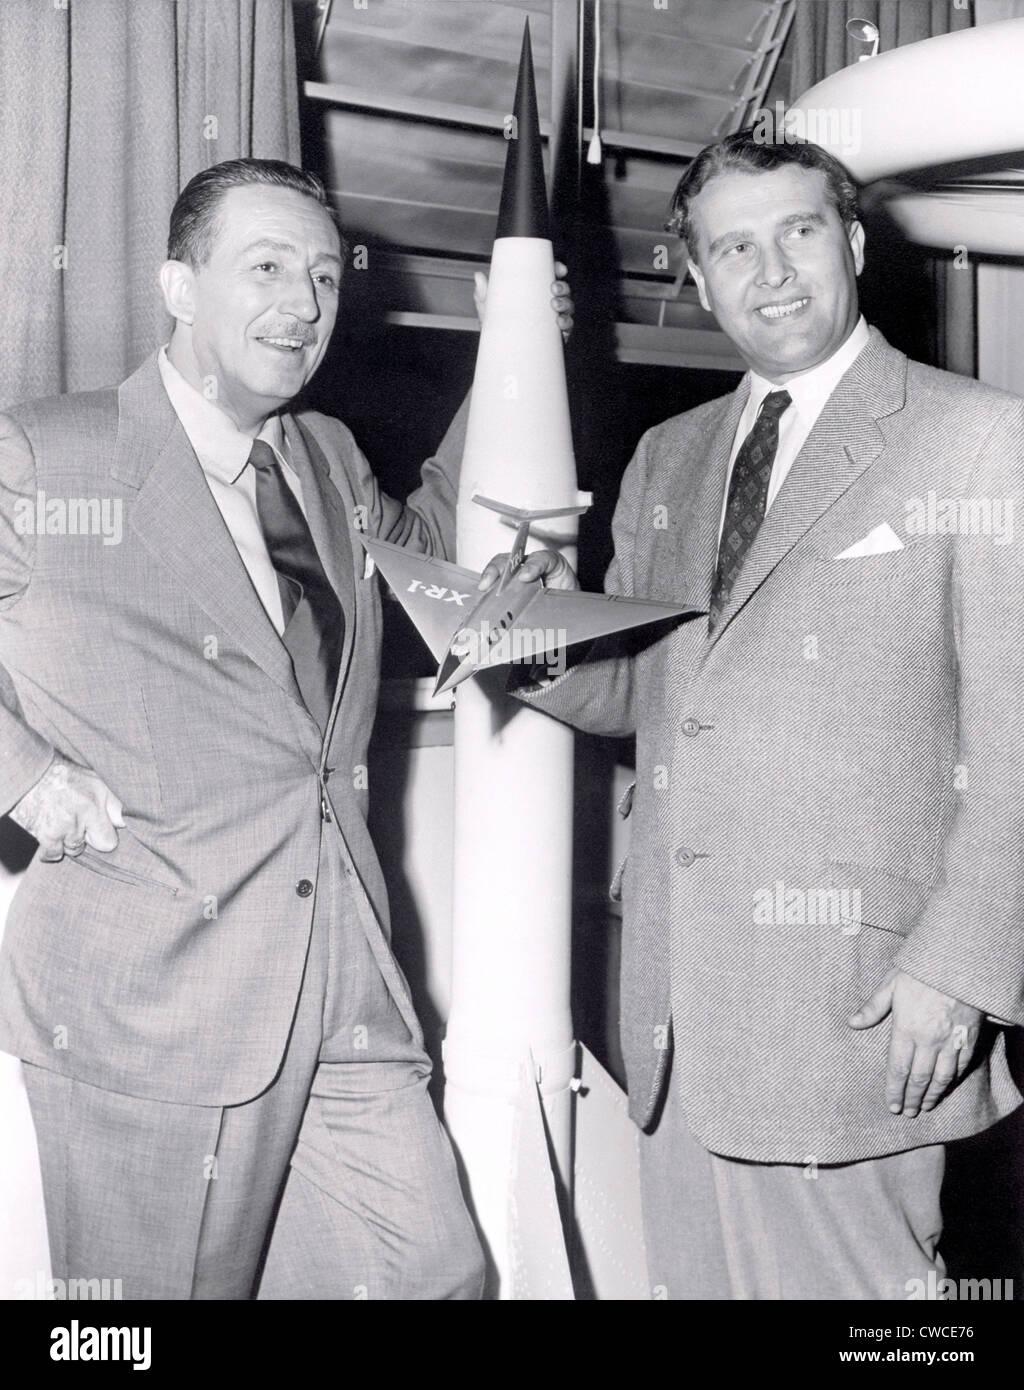 Dr. Werhner von Braun with Walt Disney. Von Braun worked with Disney Studios as a technical director, making three - Stock Image